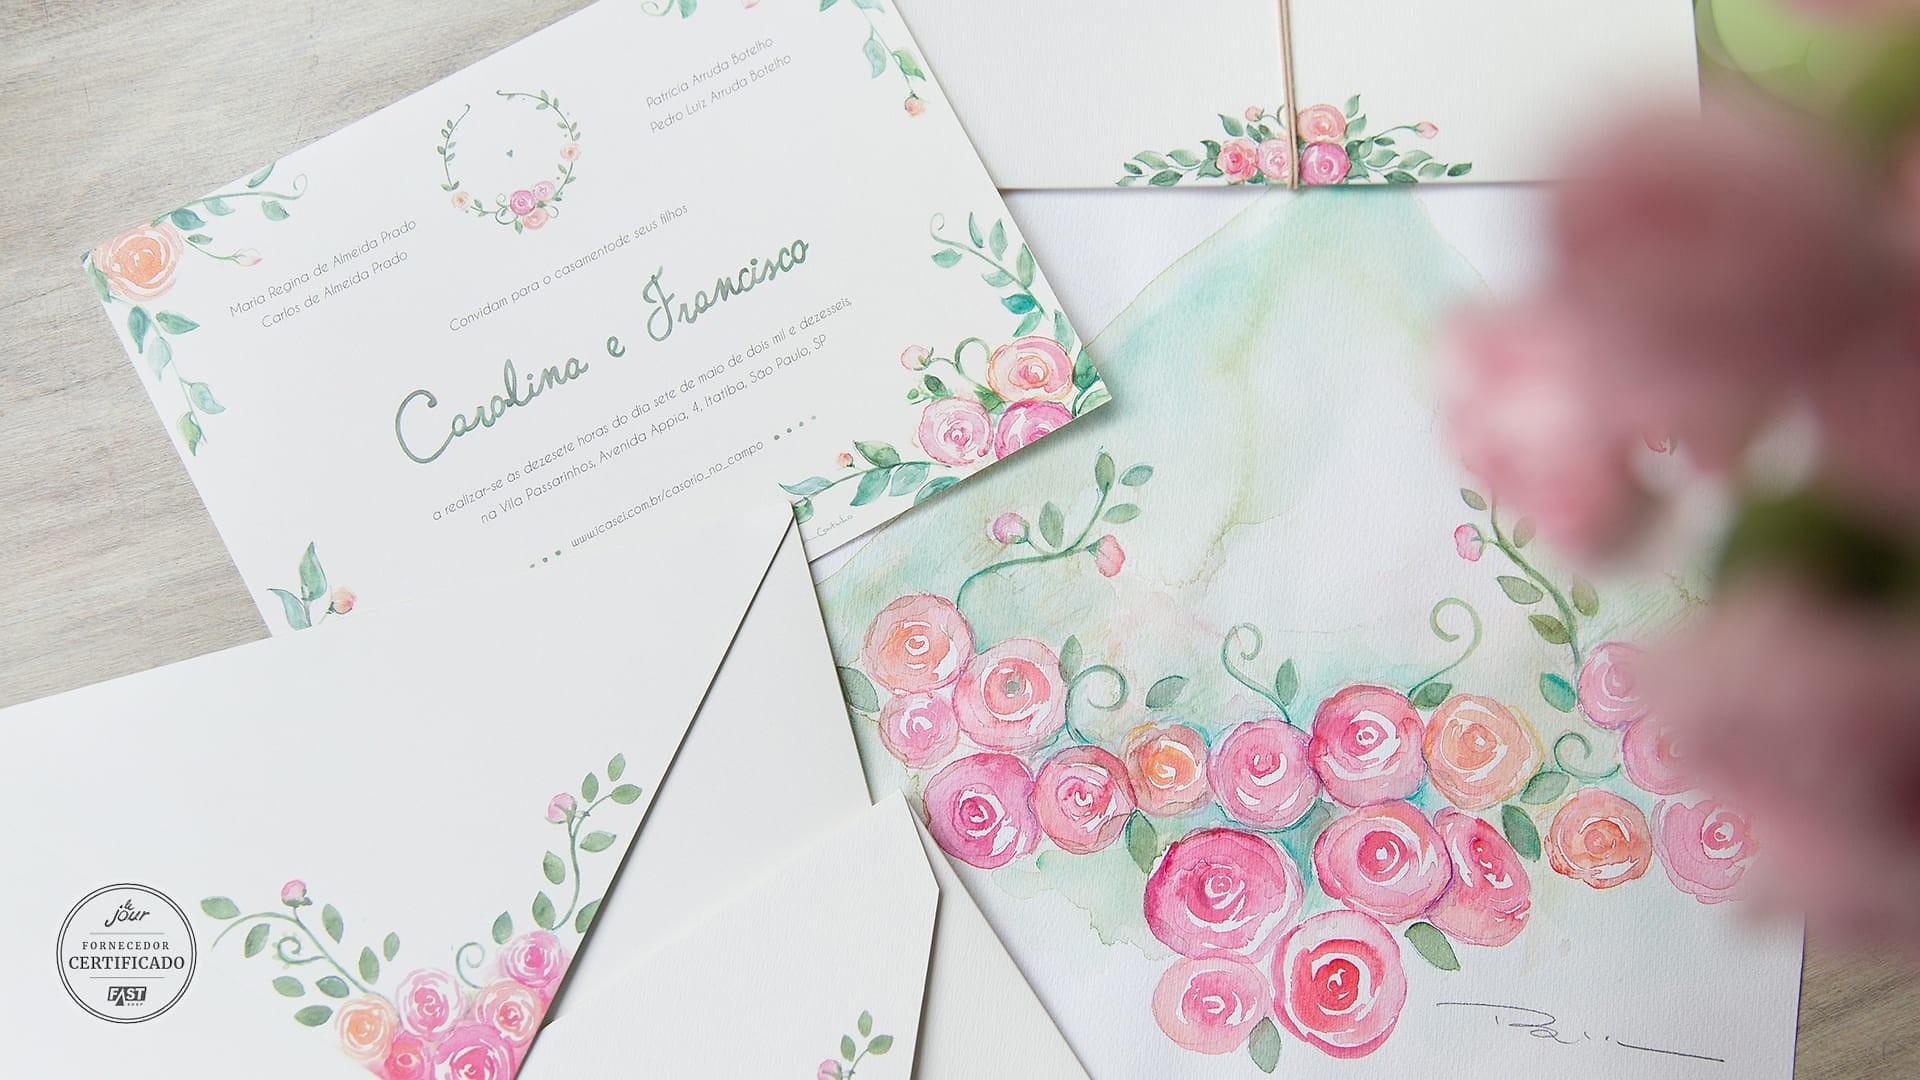 Convite de casamento com aquarela